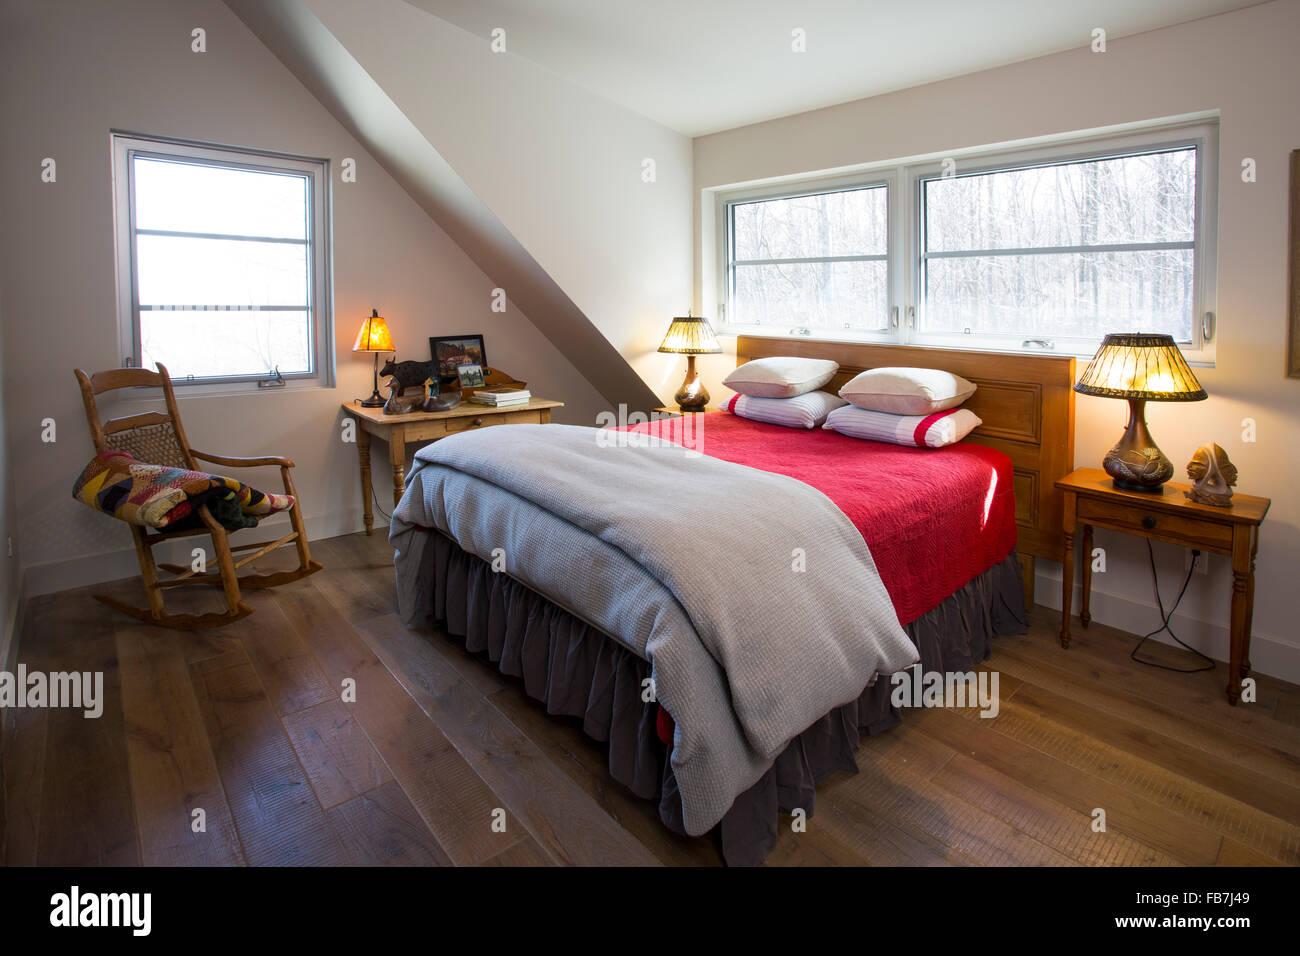 North America Canada Ontario Antique Bedroom Furniture Stock